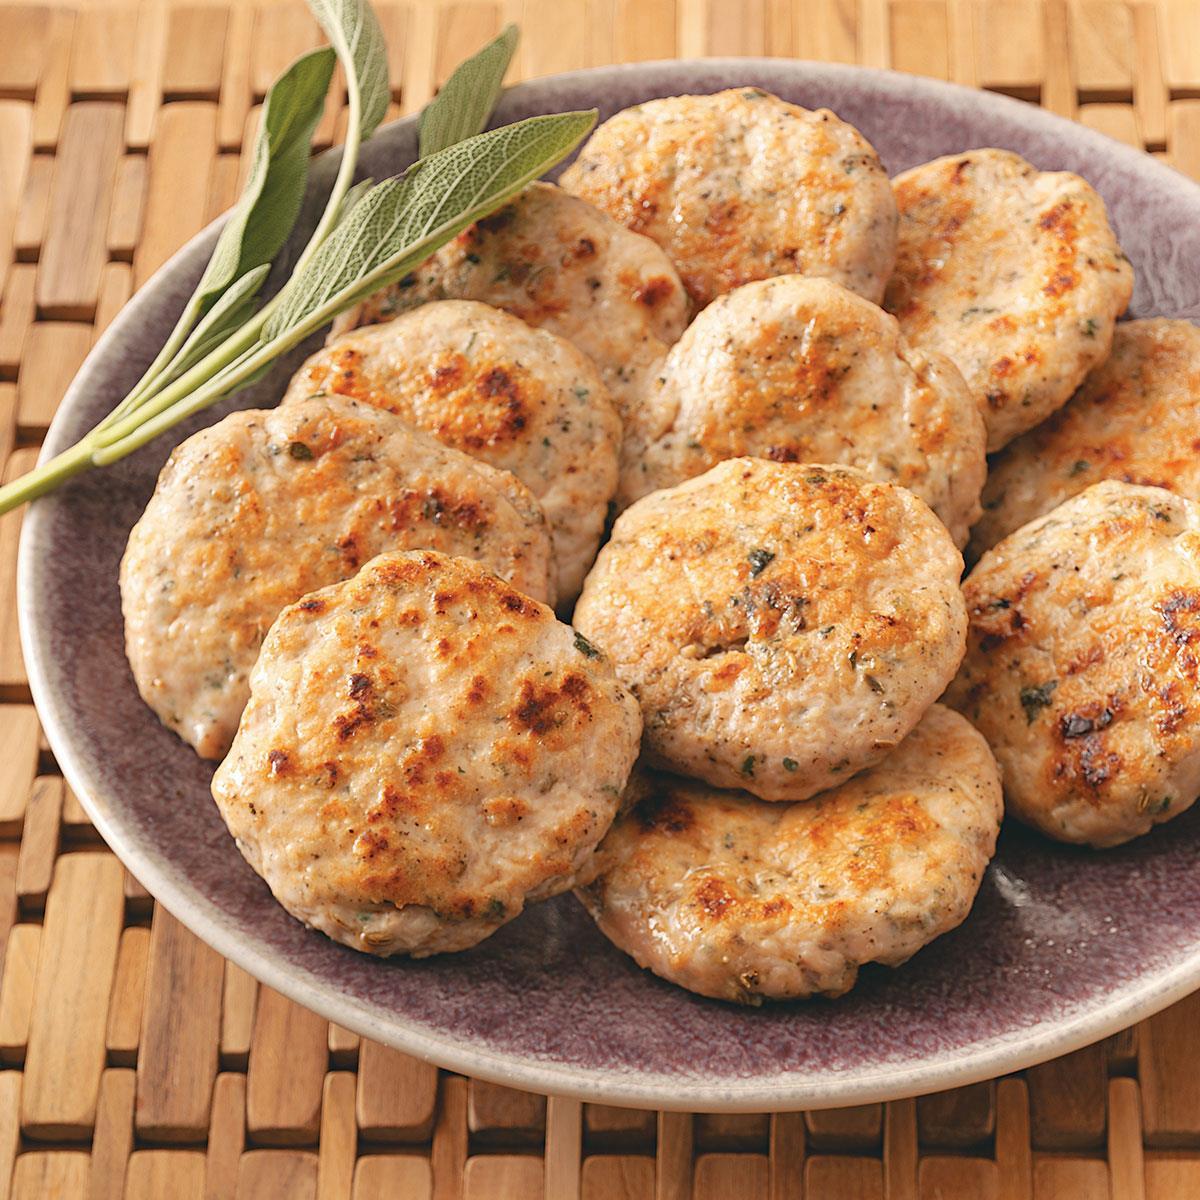 Turkey Sausage Recipes  Sage Turkey Sausage Patties Recipe